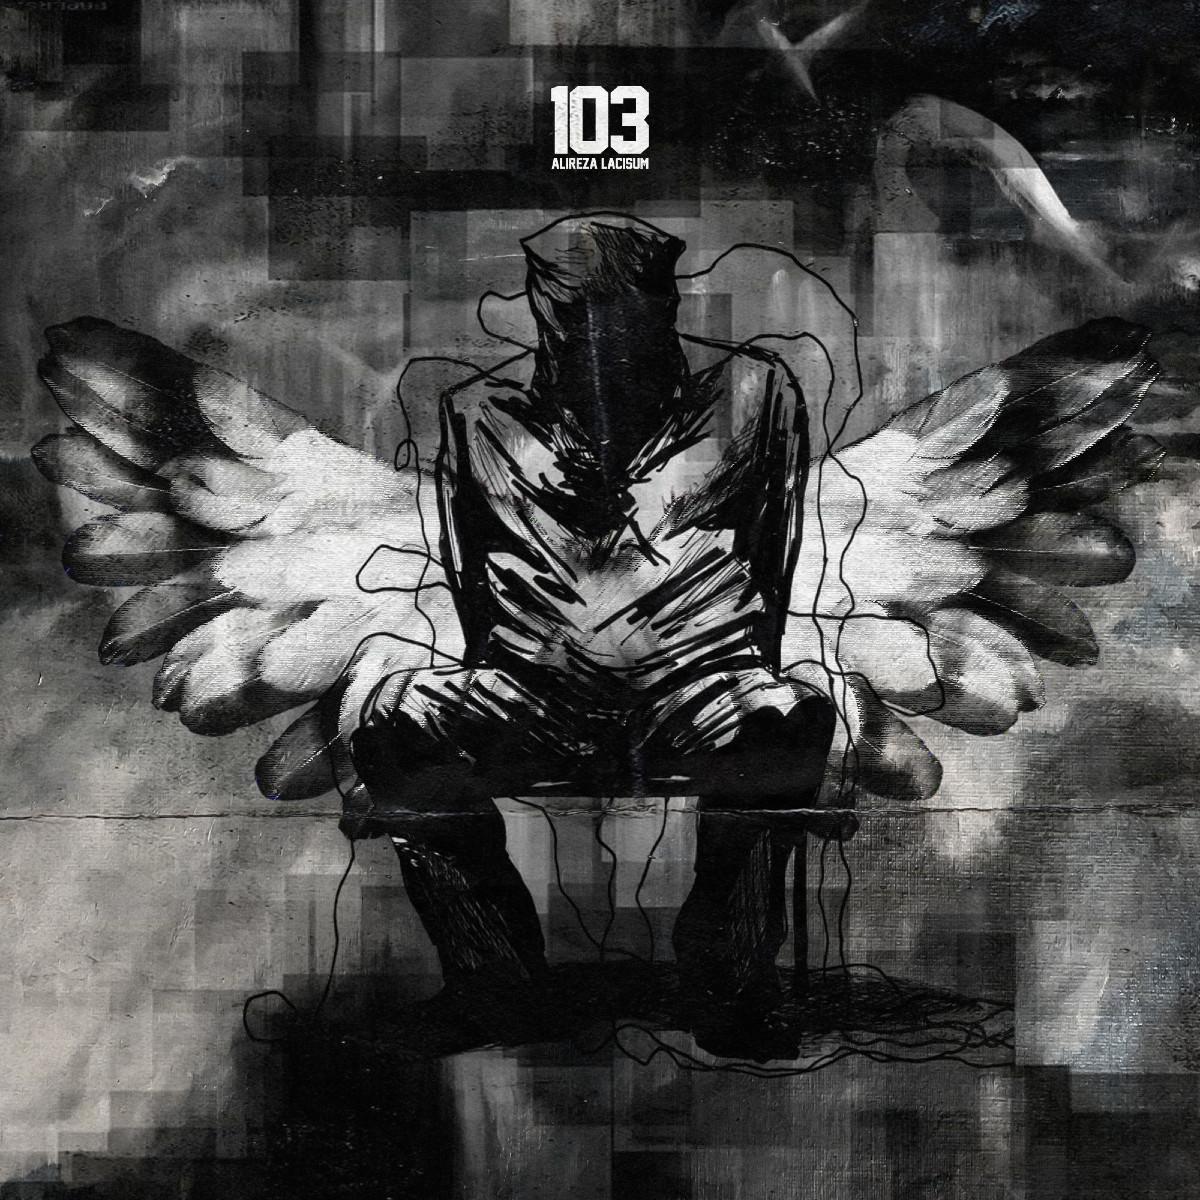 Alireza Lacisum - 103 Album